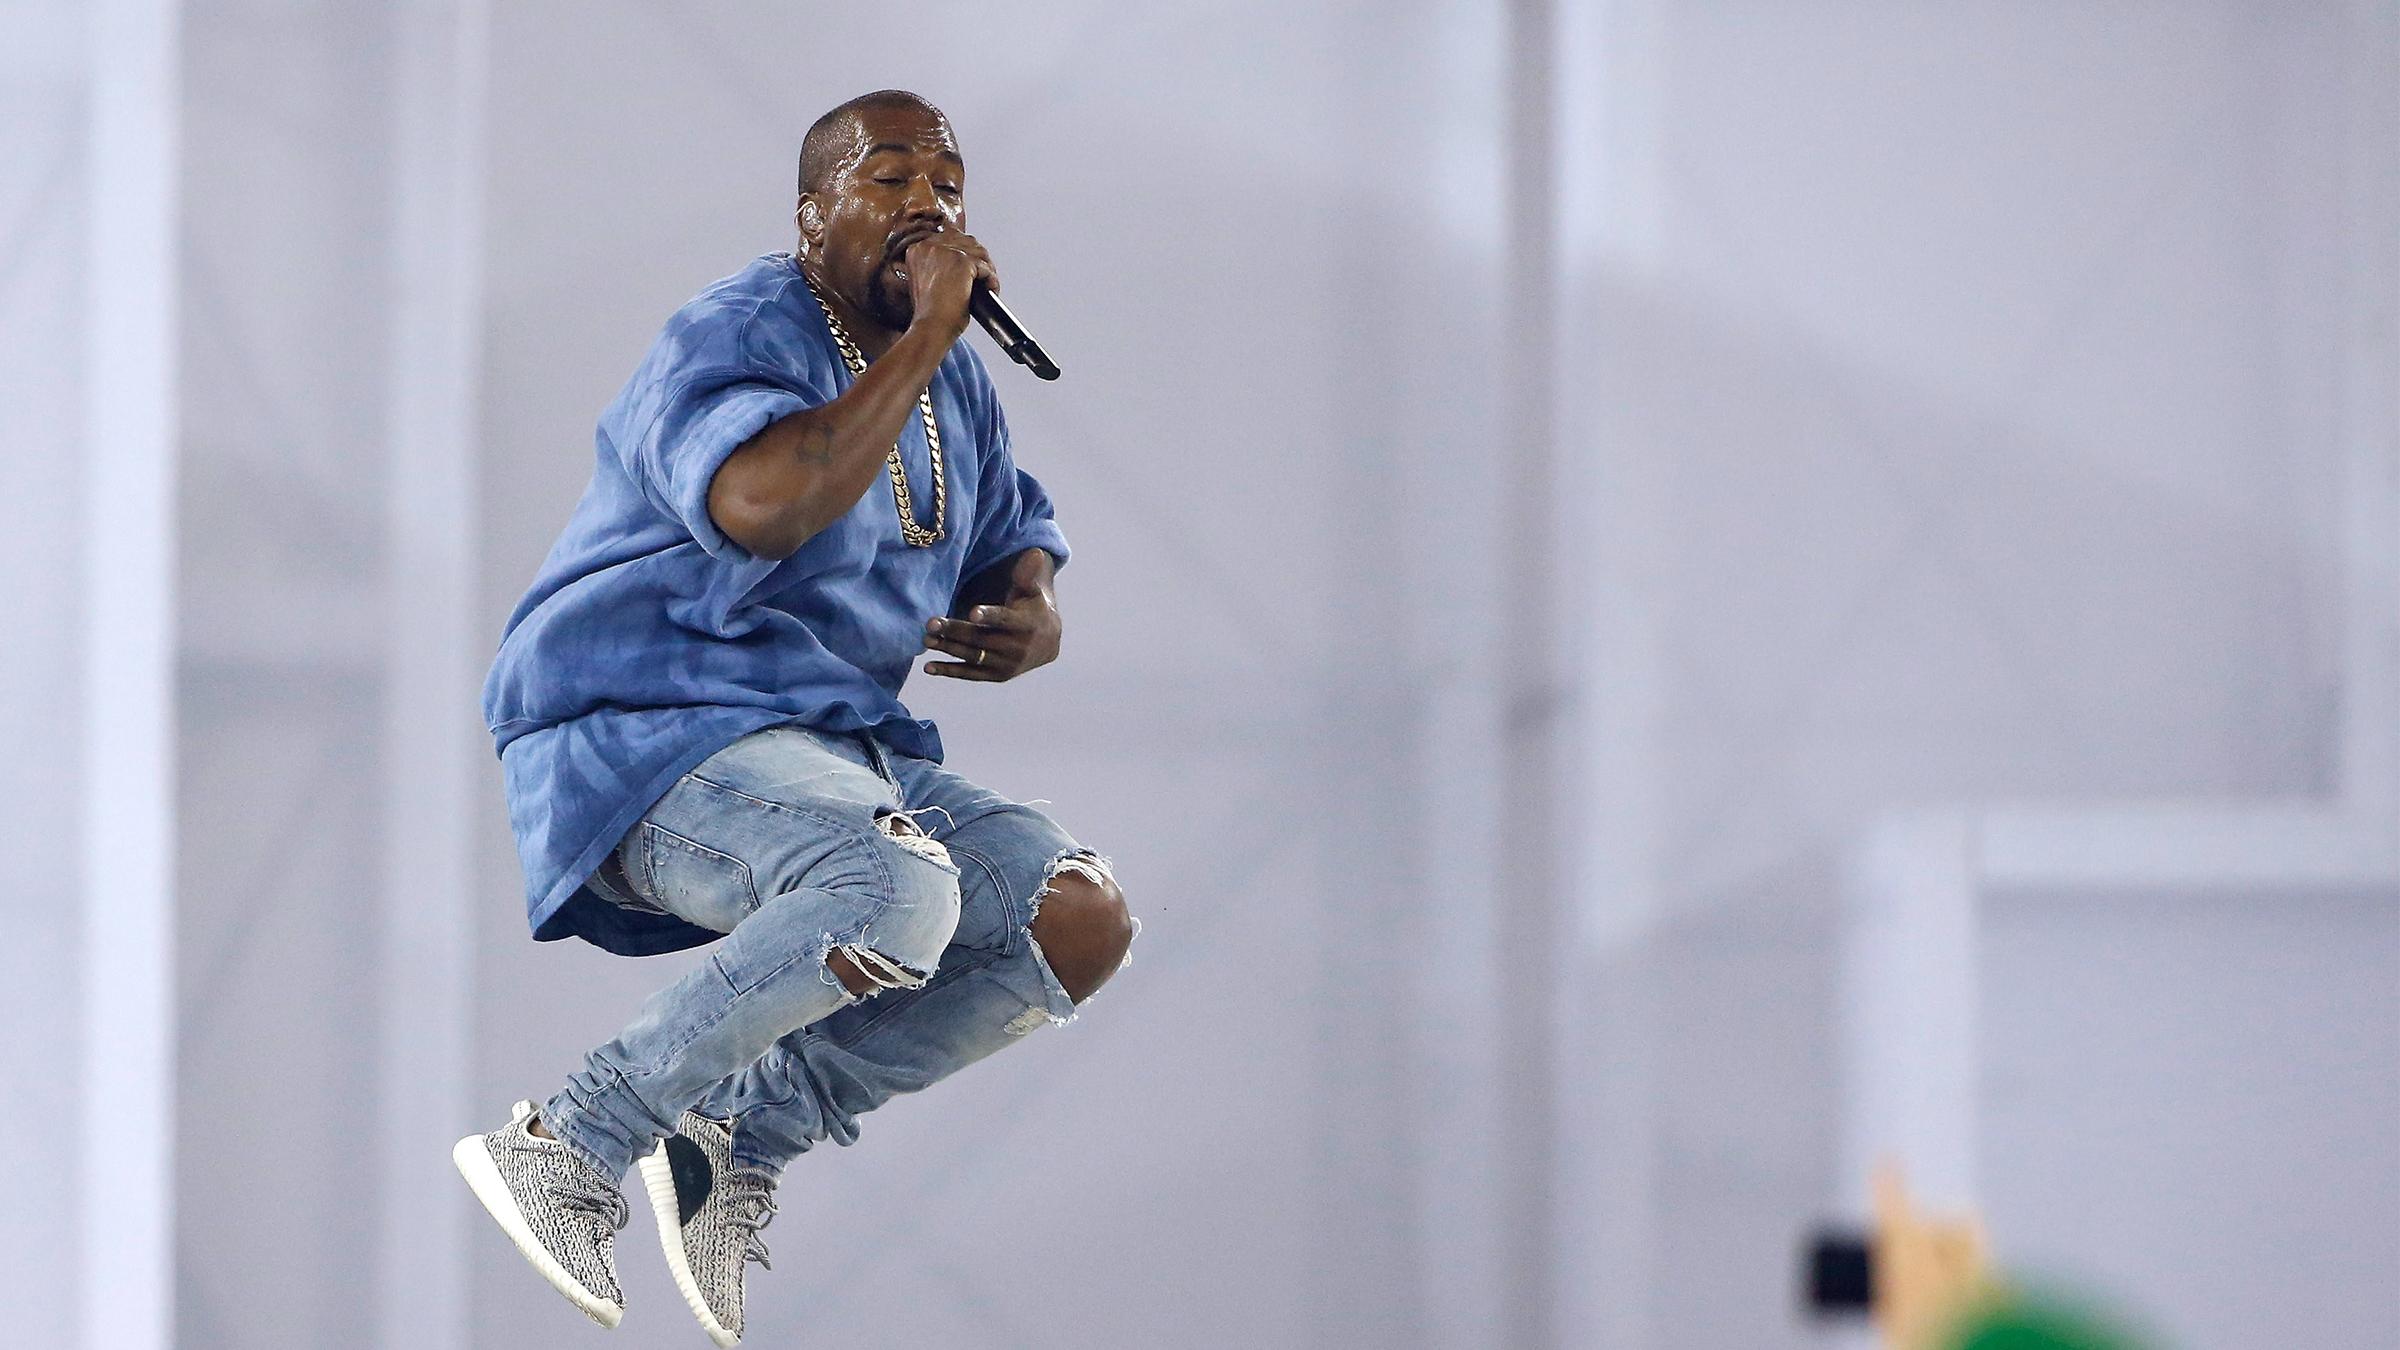 Kanye amsterdam teaser